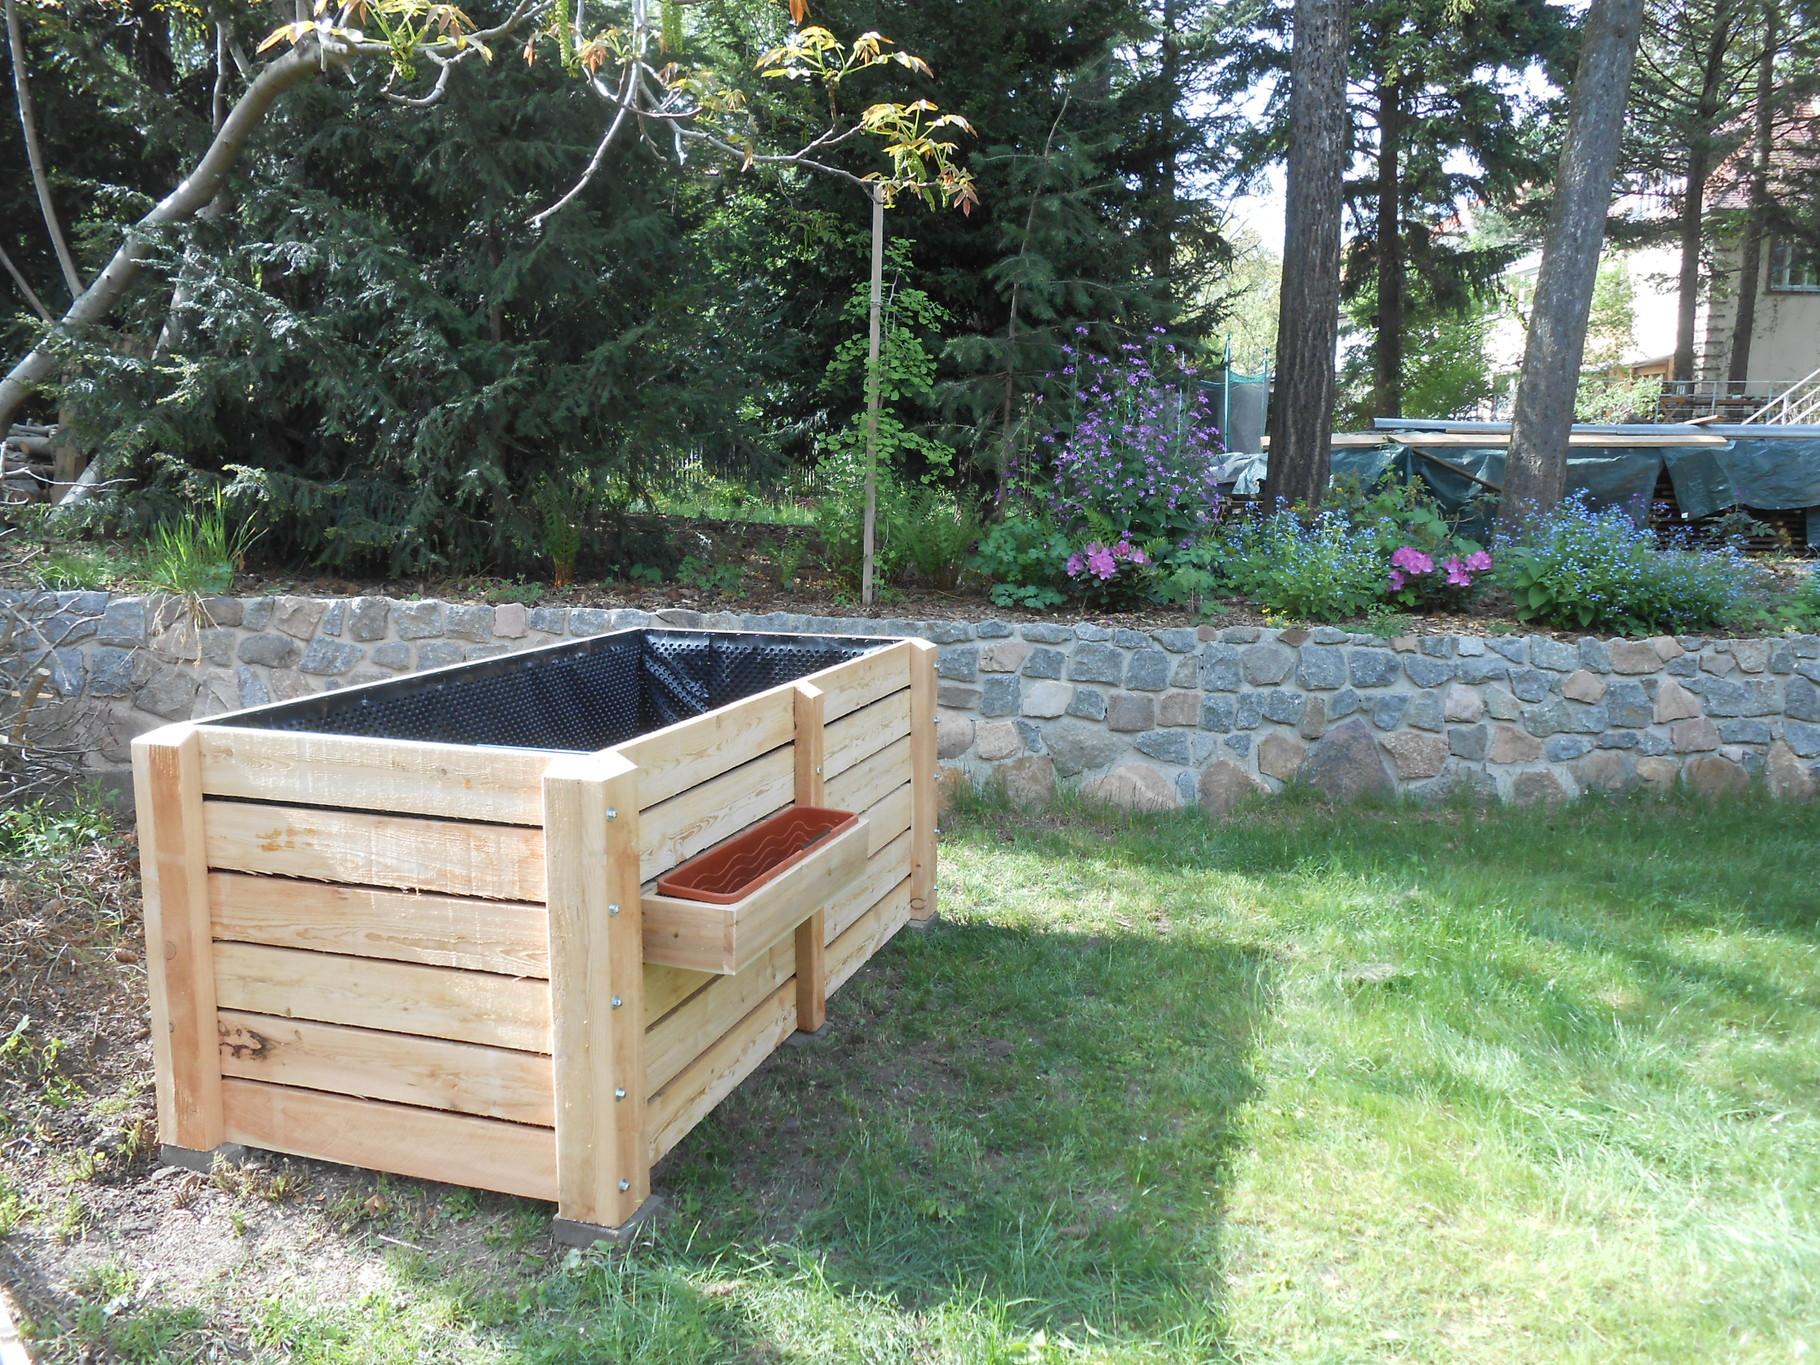 komposttoilette komposttoilette. Black Bedroom Furniture Sets. Home Design Ideas